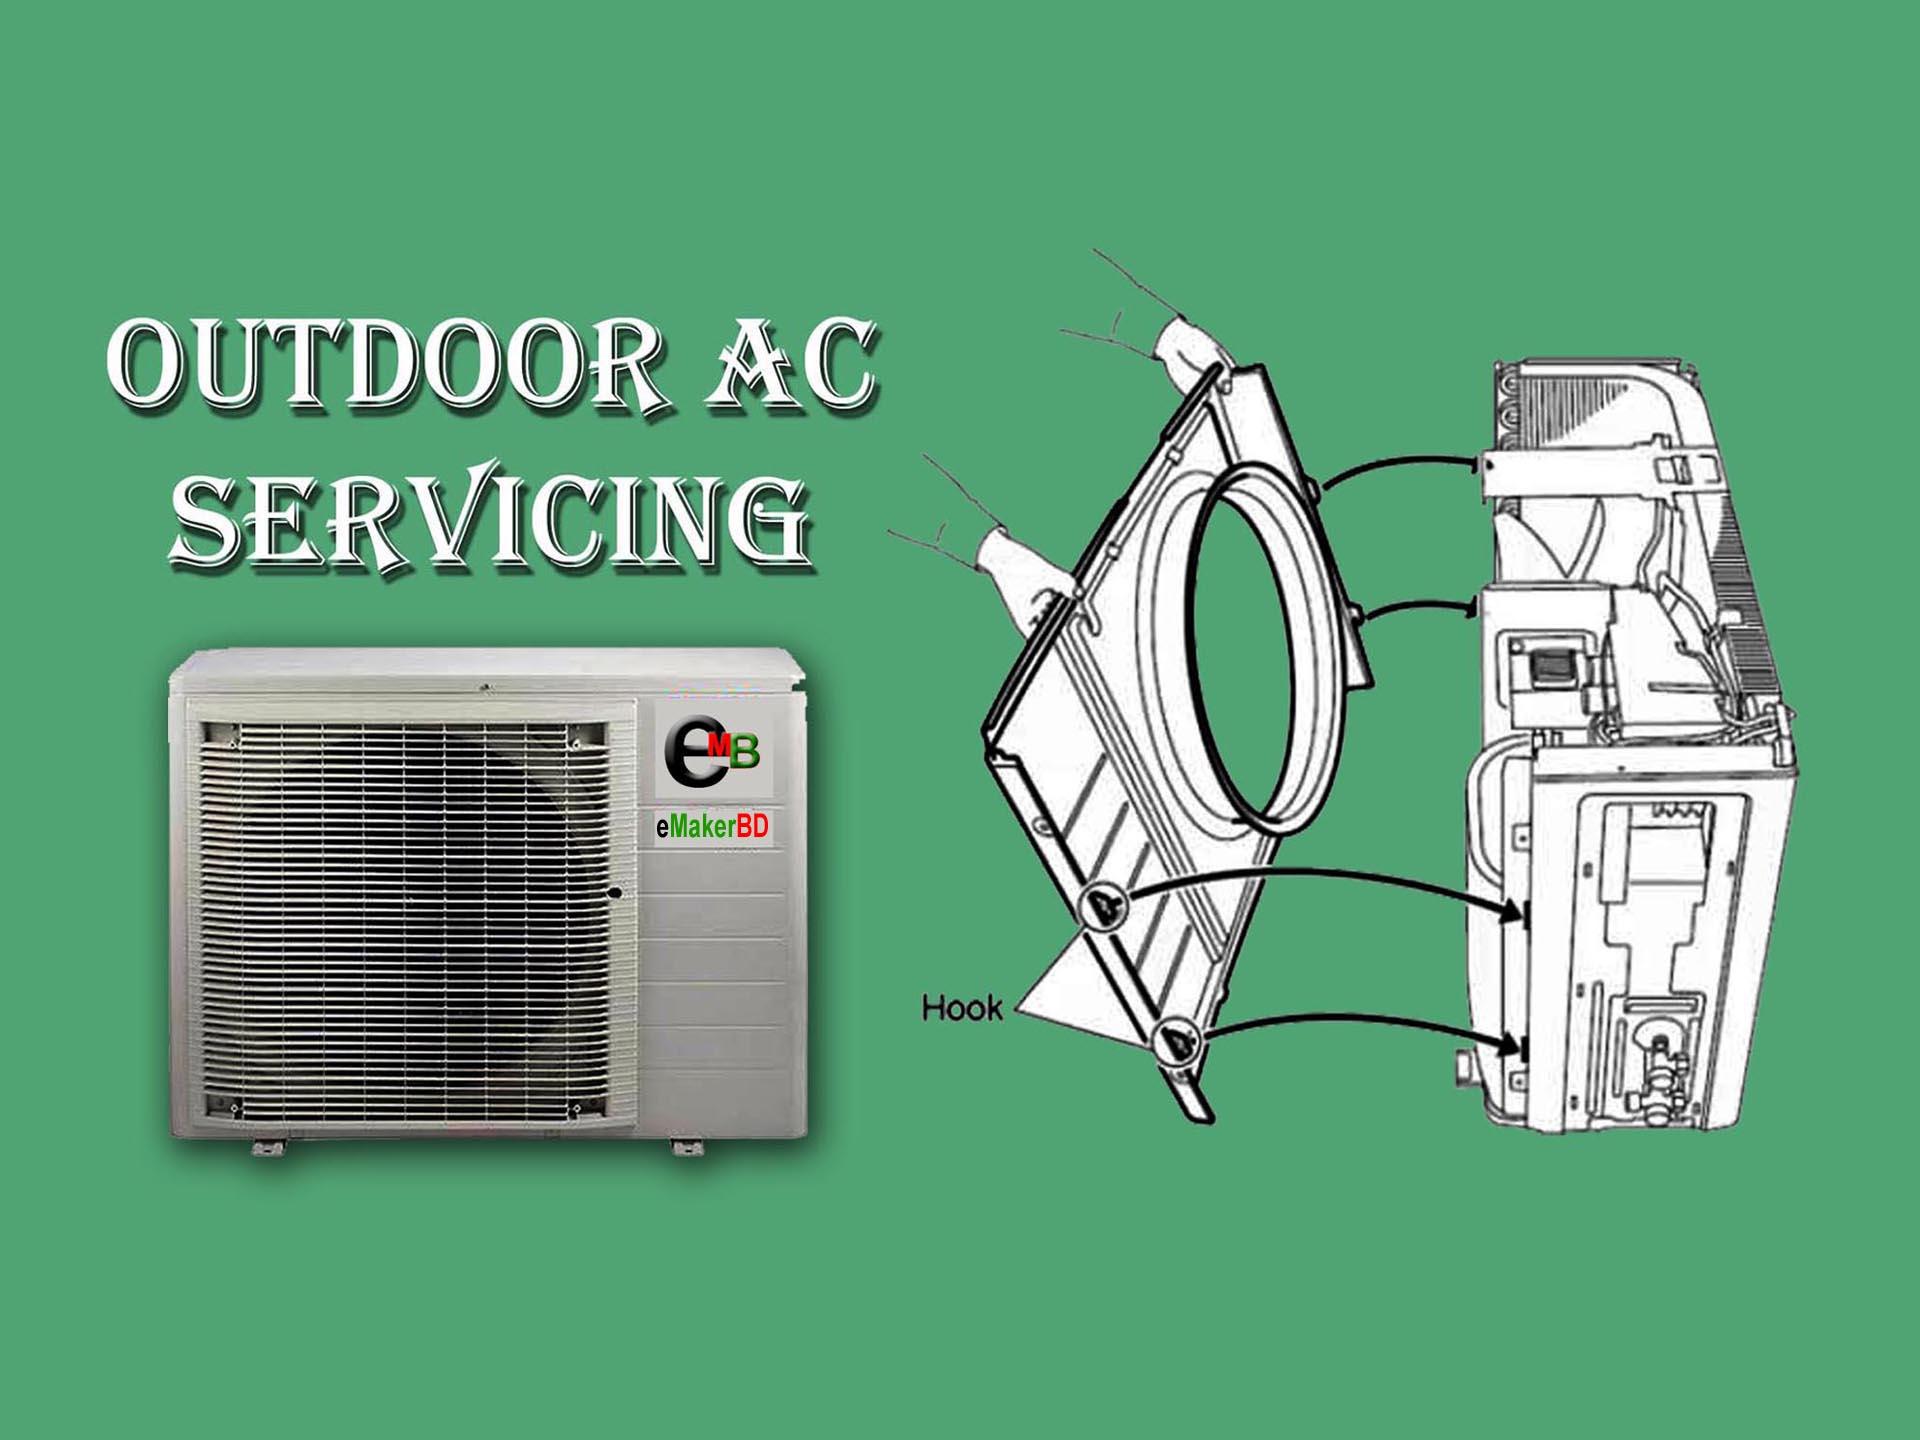 এসি সার্ভিসিং-Outdoor AC Servicing